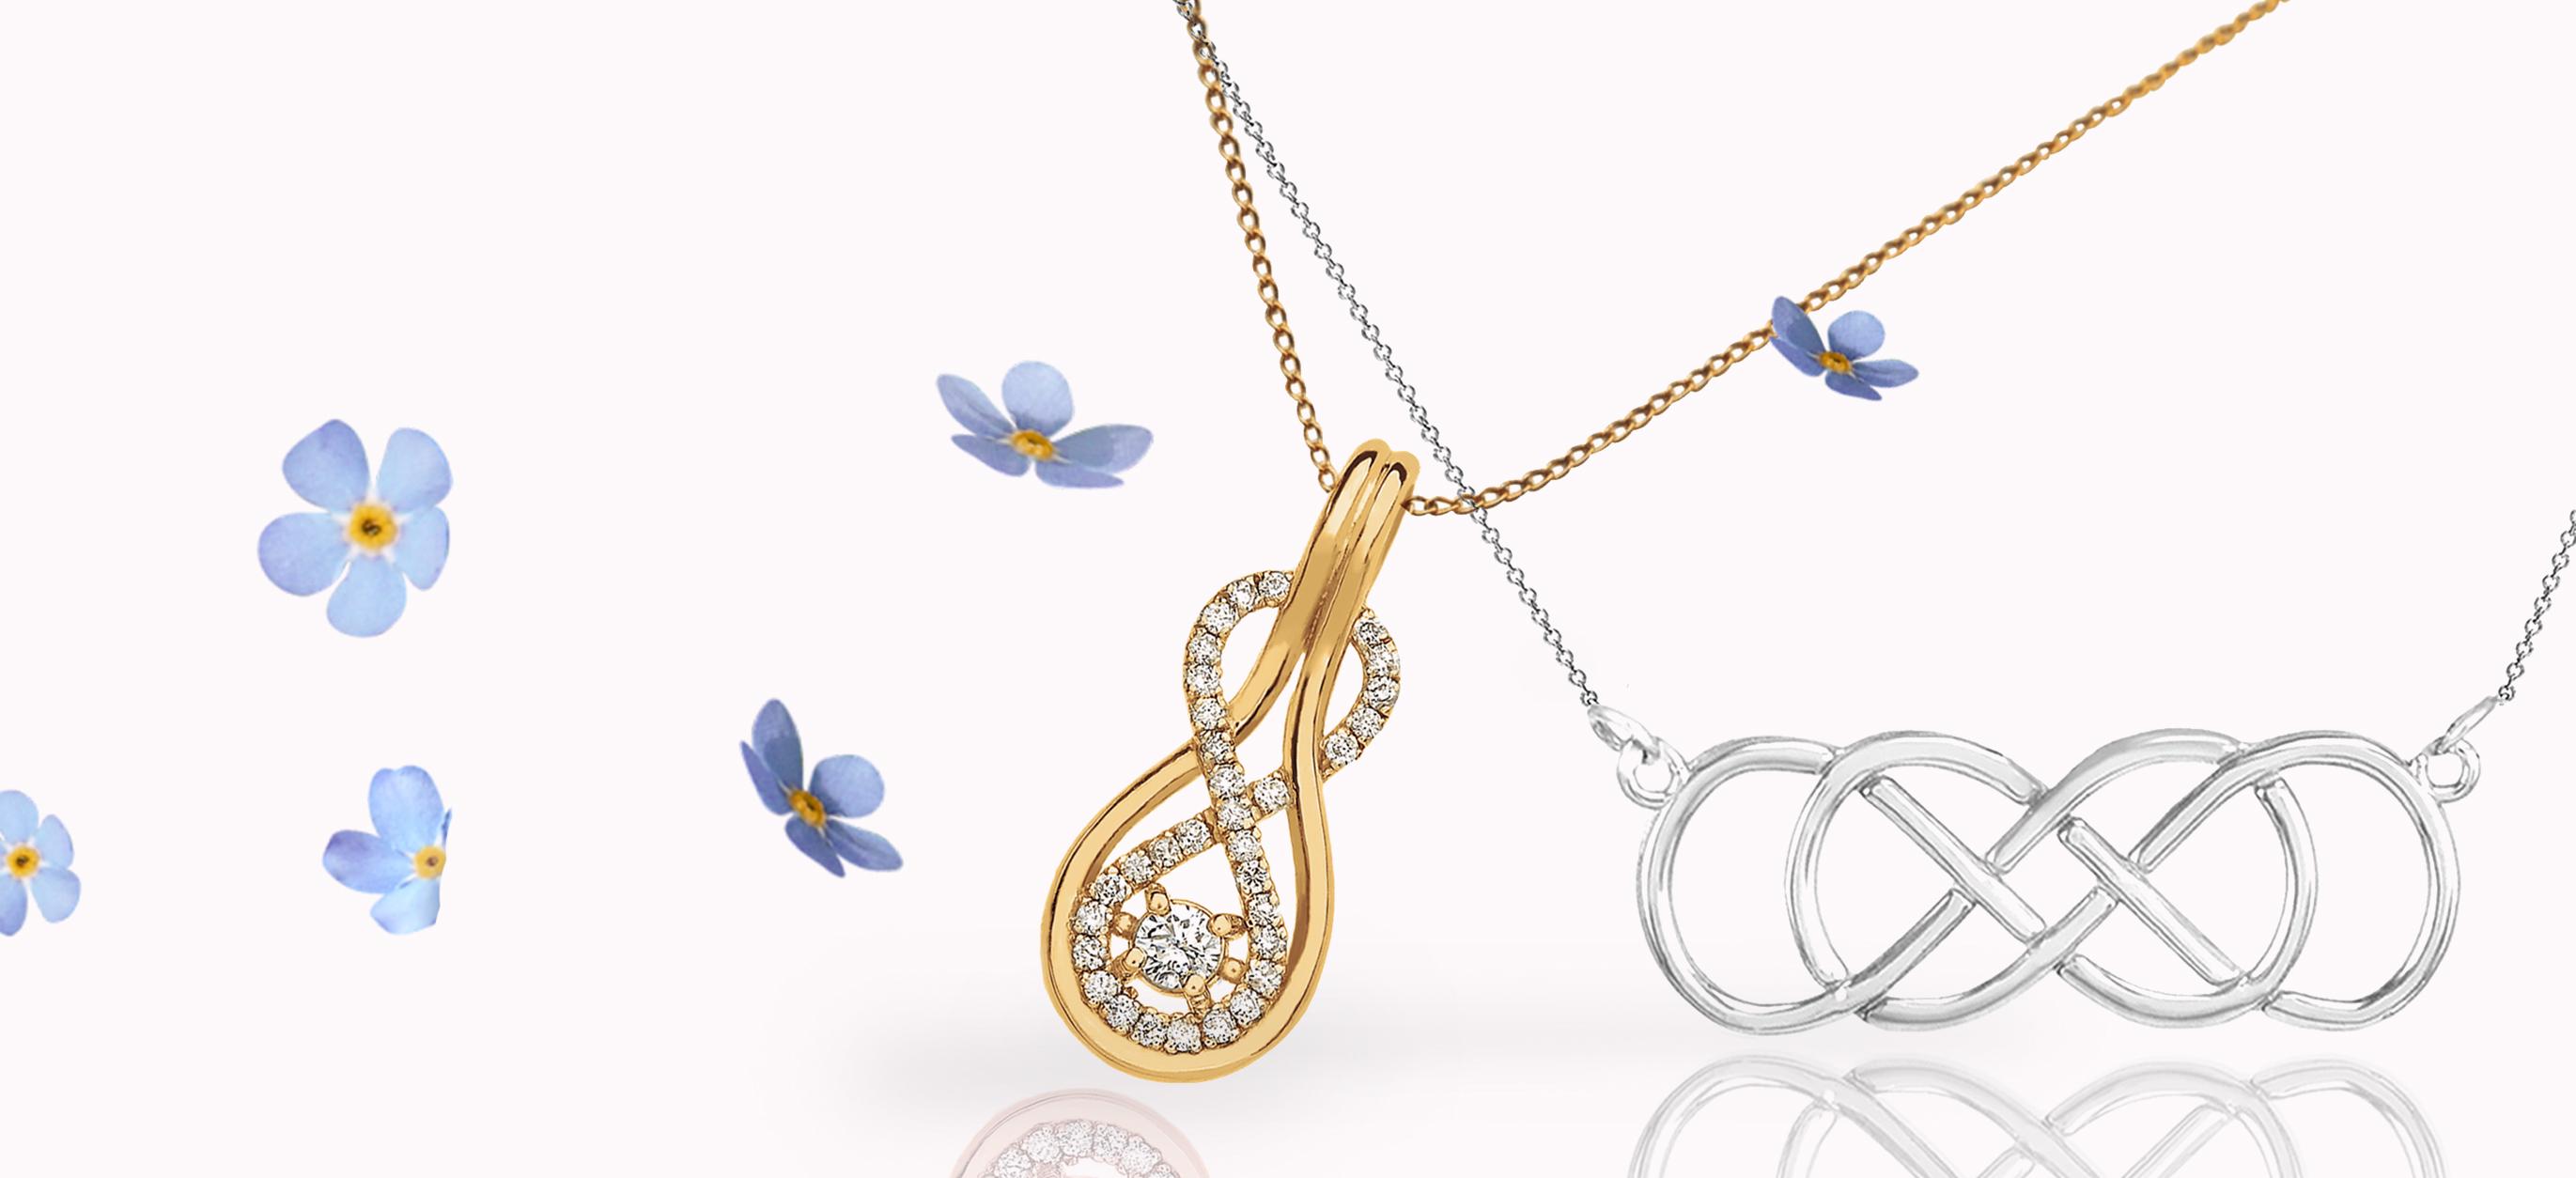 Shop Infinity Jewelry